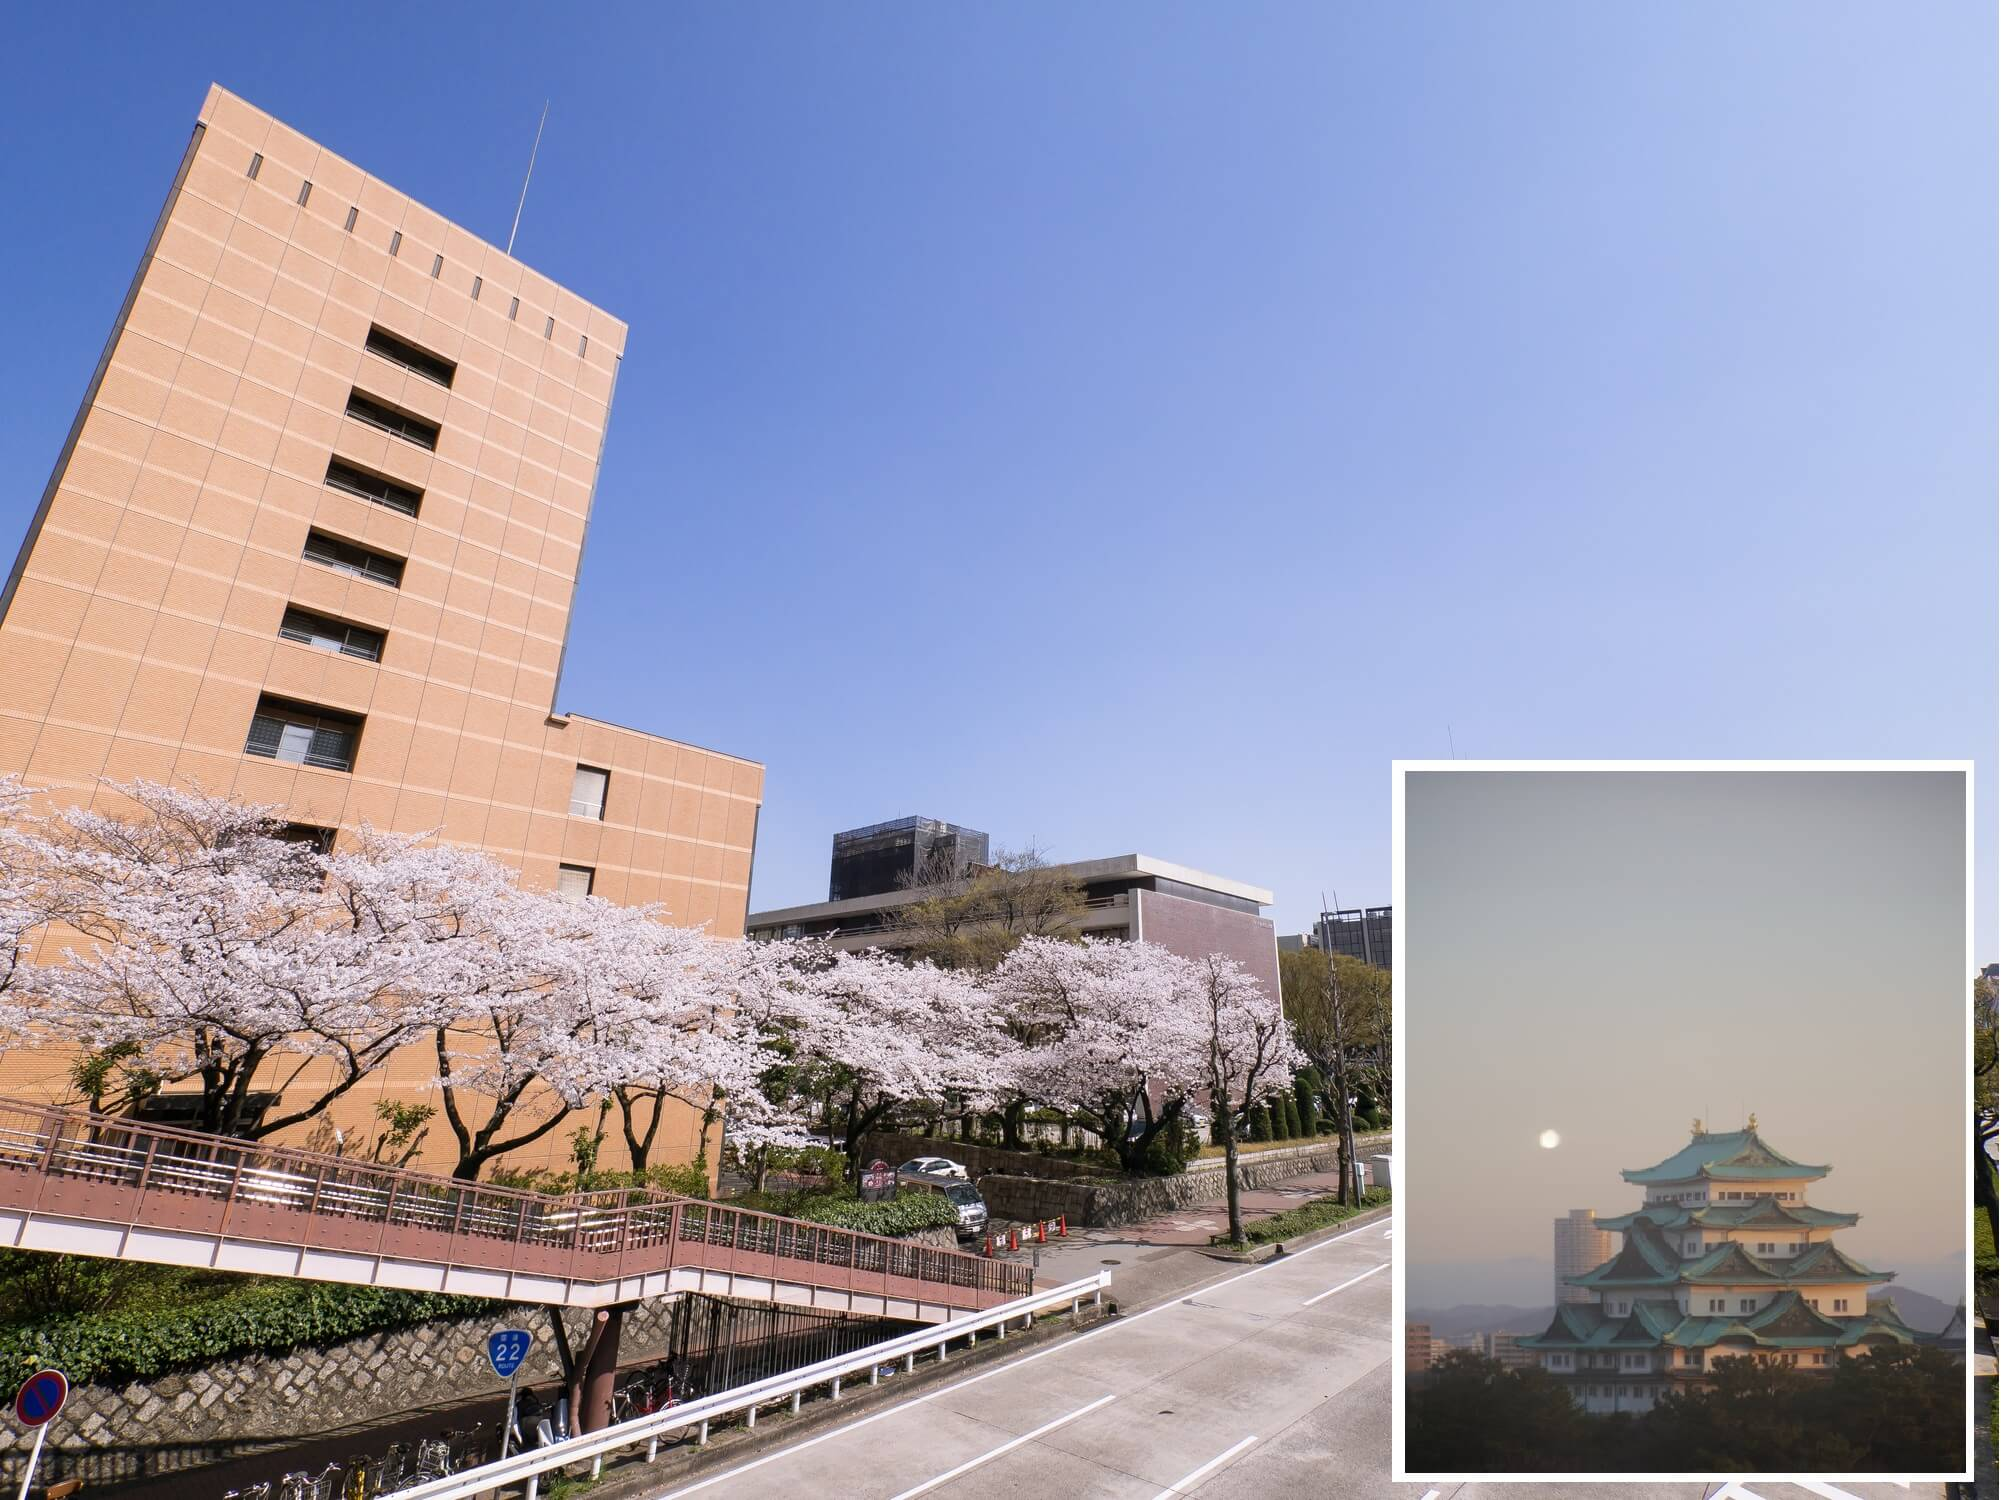 名城病院(愛知県名古屋市)の1泊2日人間ドックコース